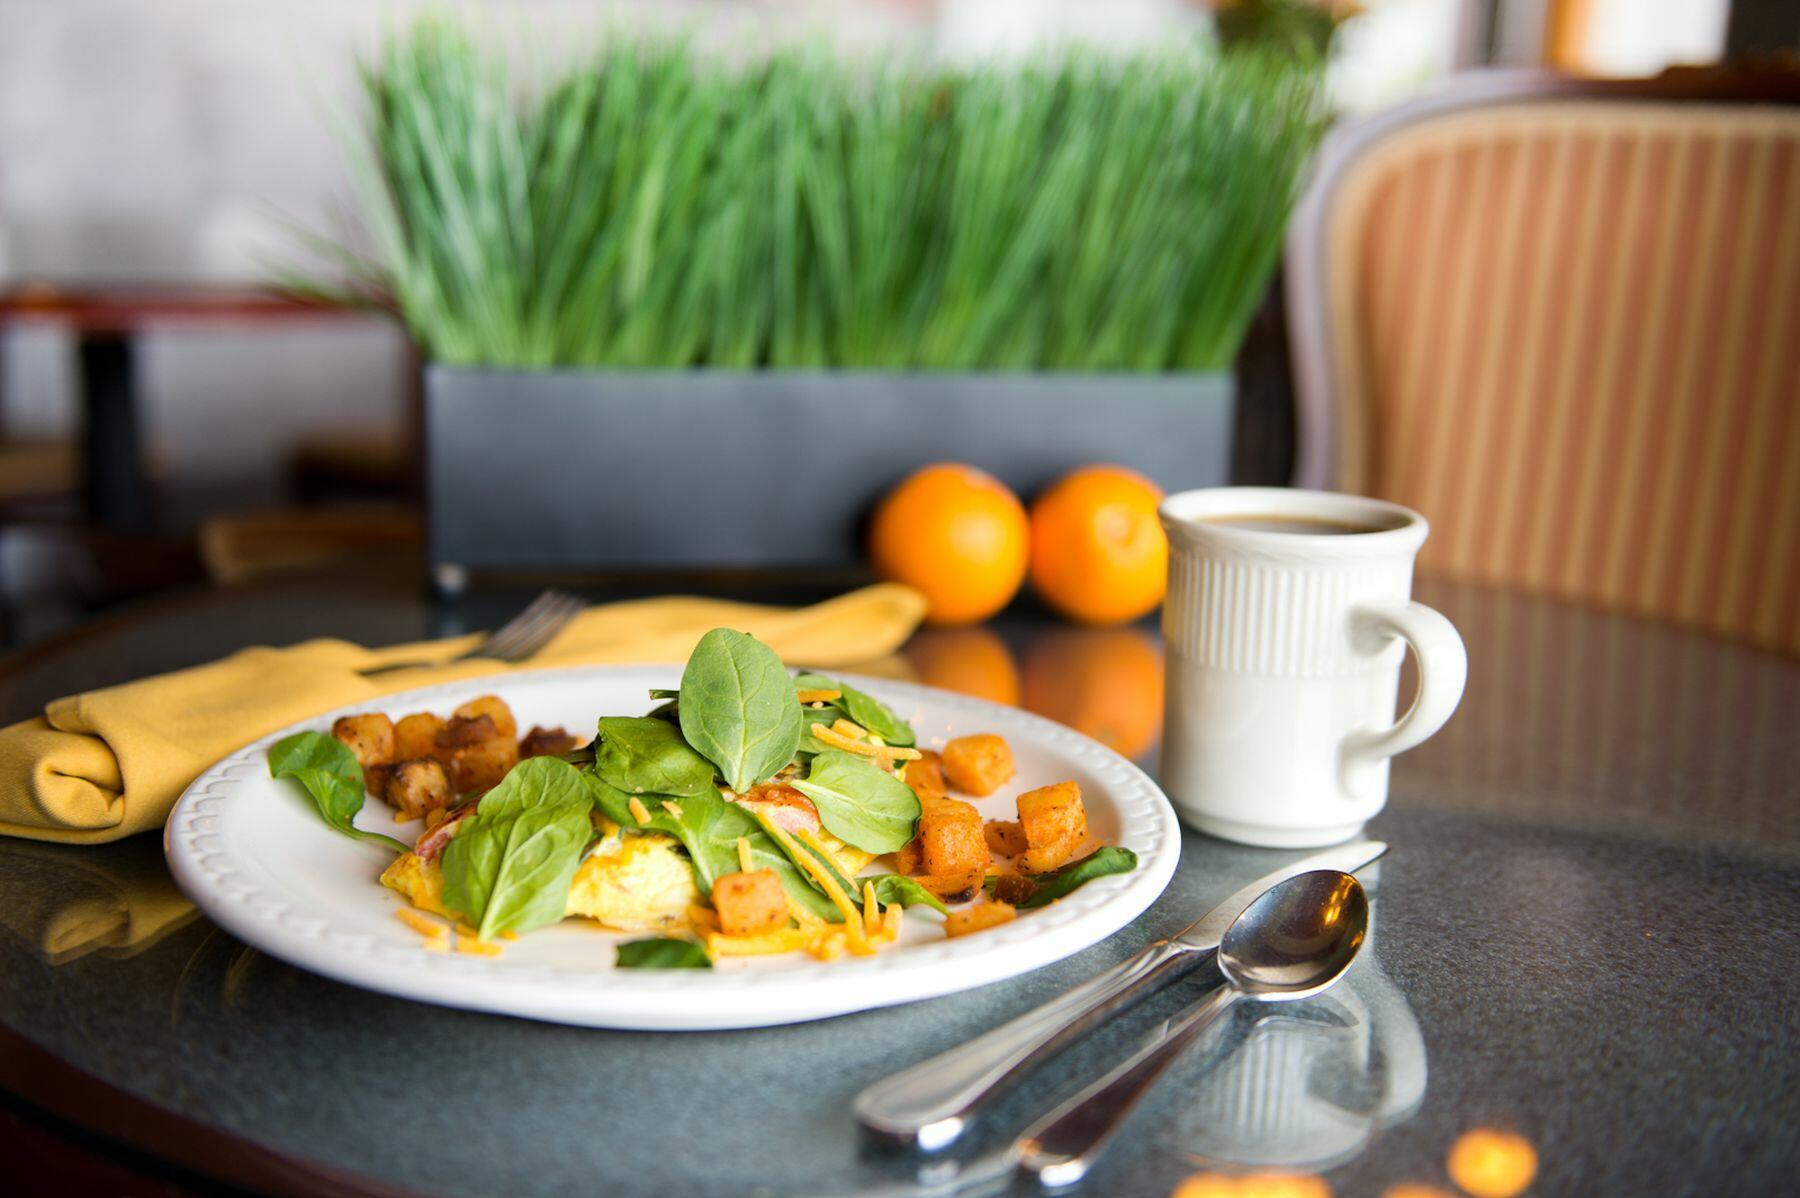 Plated breakfast with coffee mug